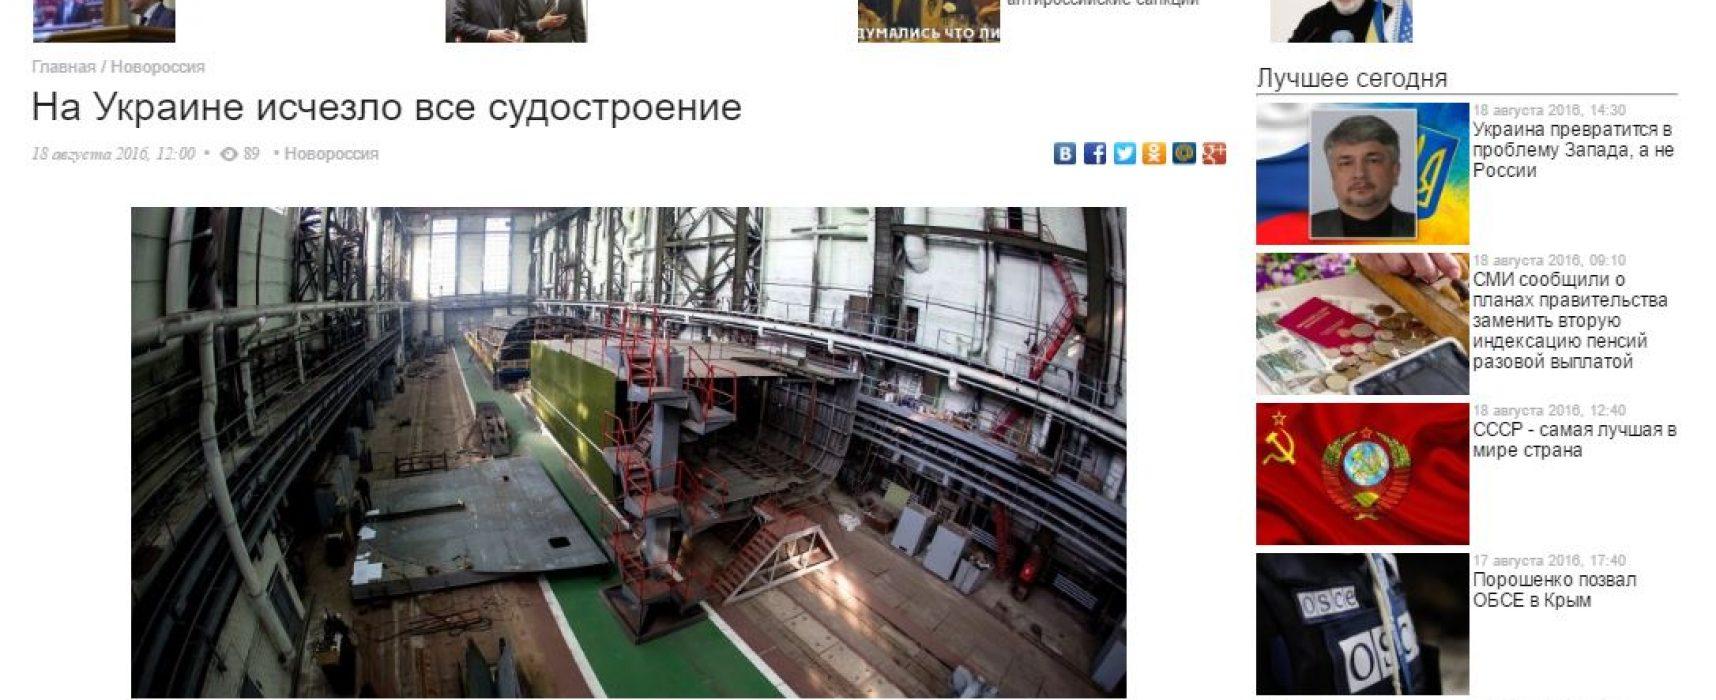 Fake: in Ucraina è scomparsa la cantieristica navale